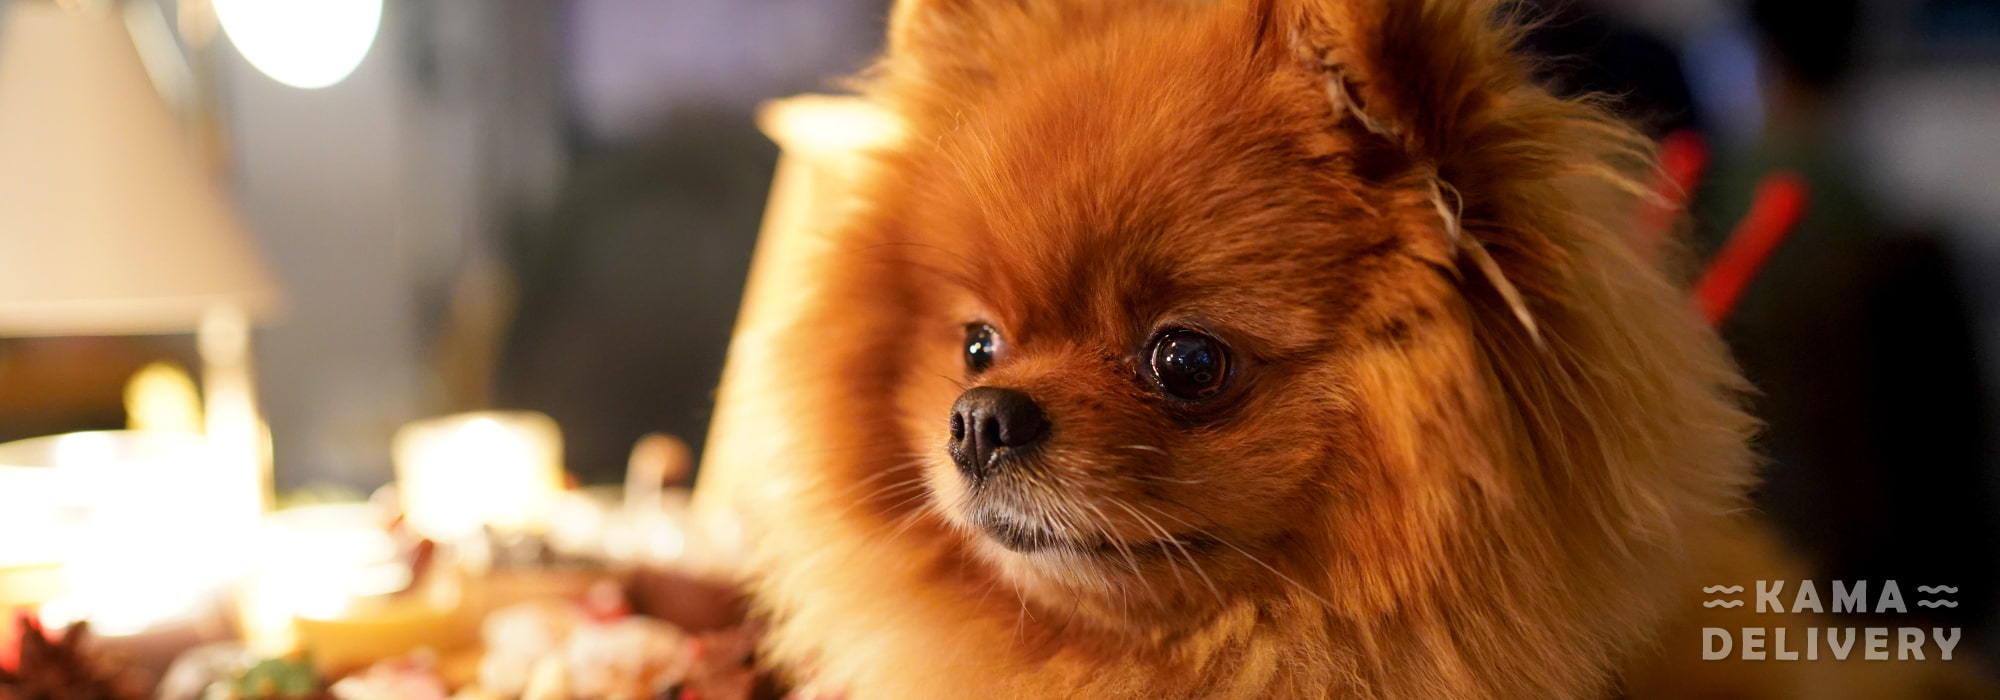 10件養松鼠狗你要注意的事|Kama Delivery到會服務專家